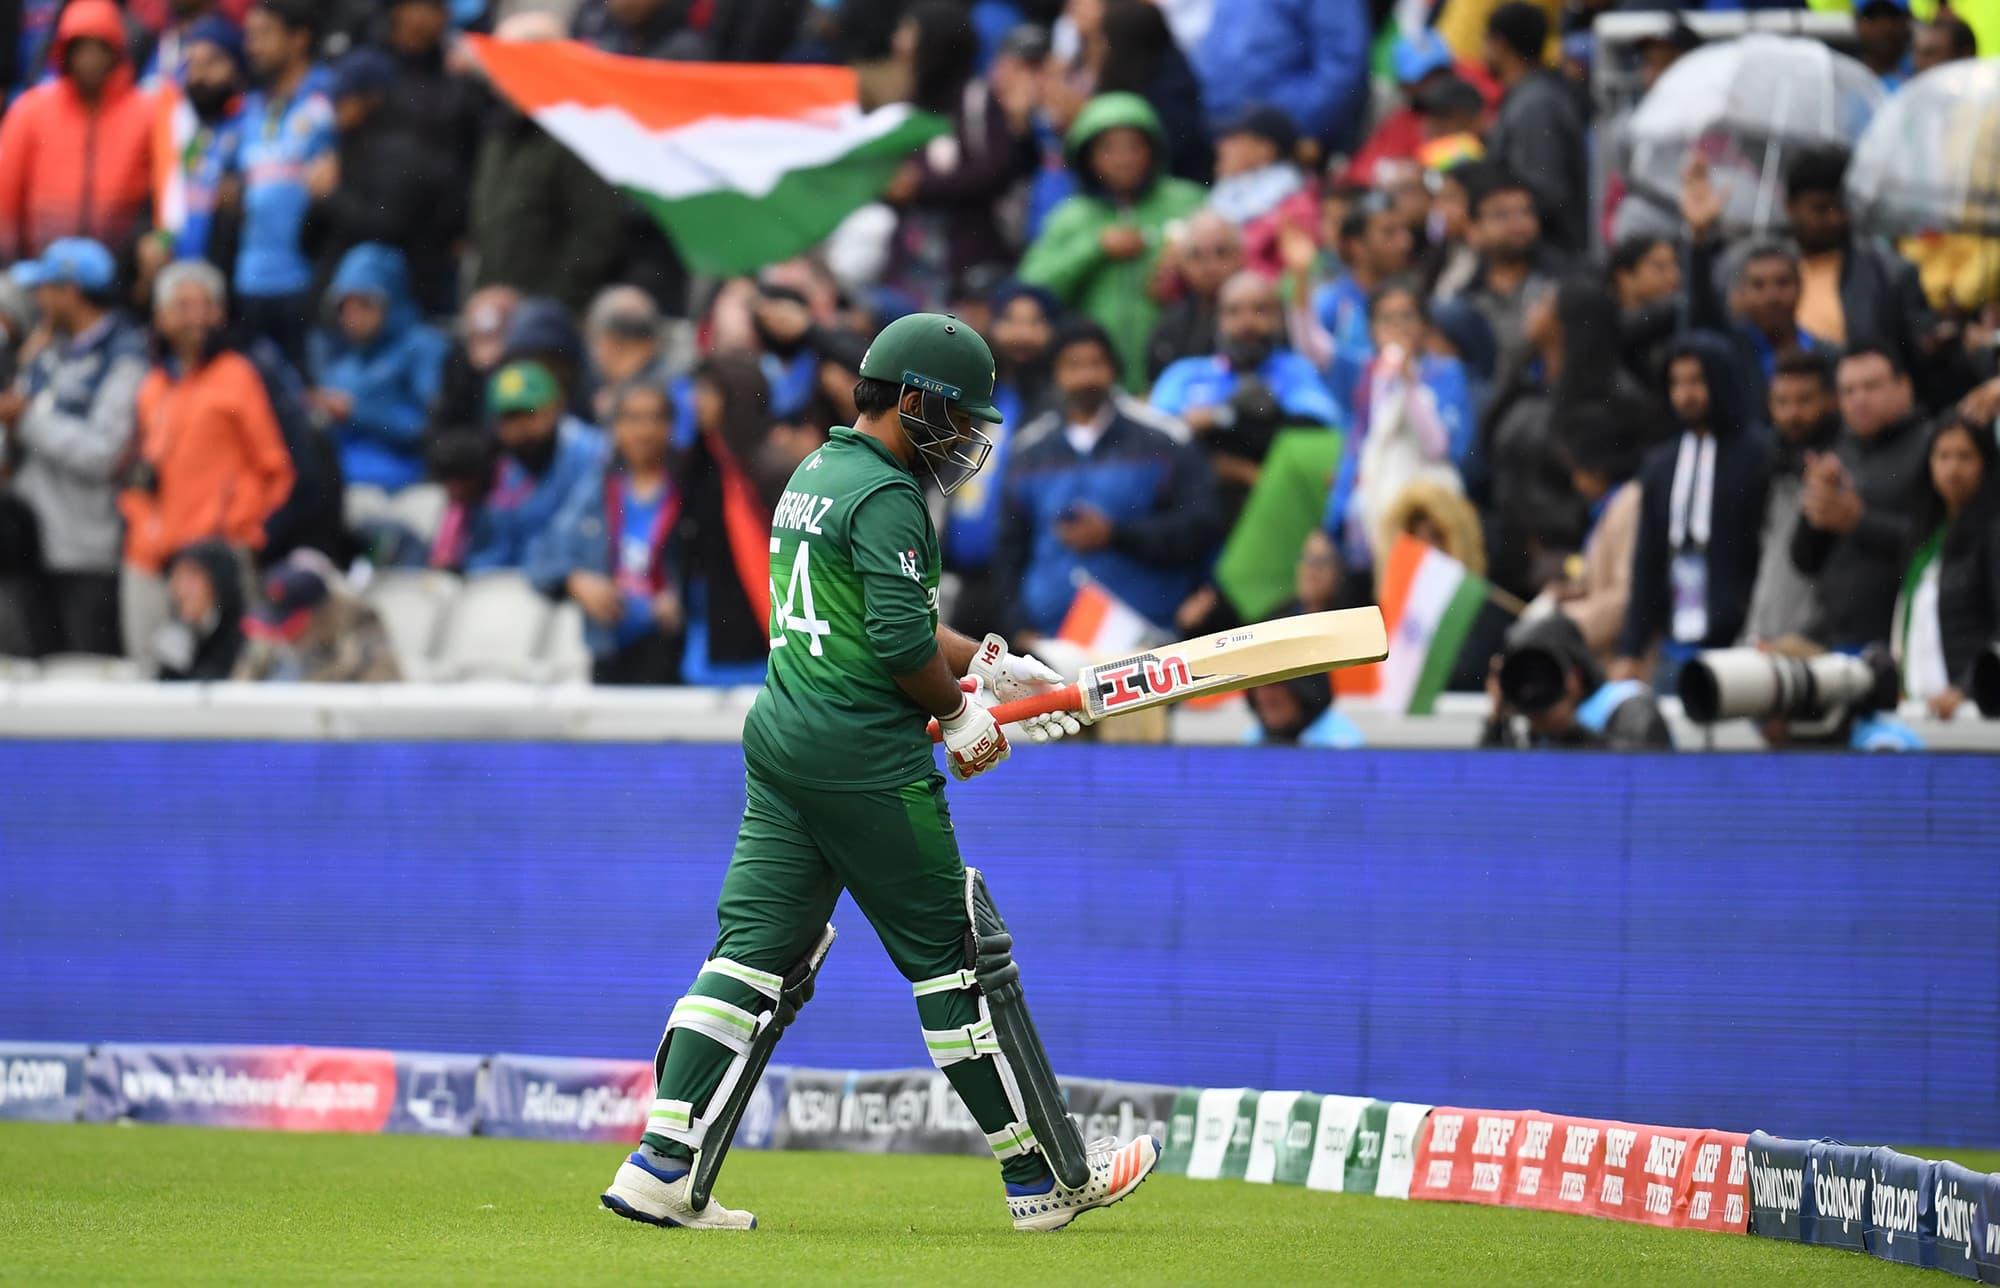 Skipper Sarfaraz Ahmed walks back to the pavilion after his dismissal. ─ AFP